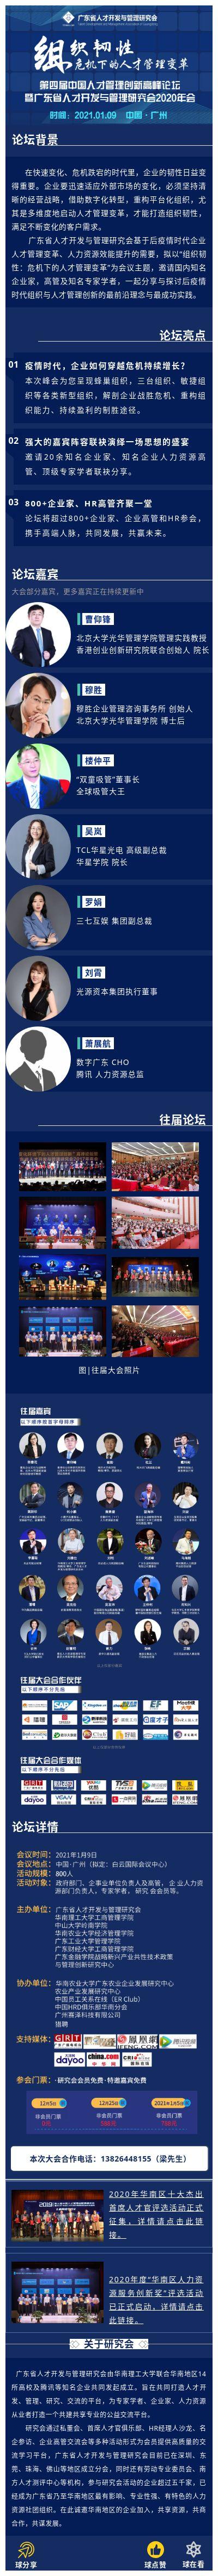 第四届中国人才管理创新高峰论坛